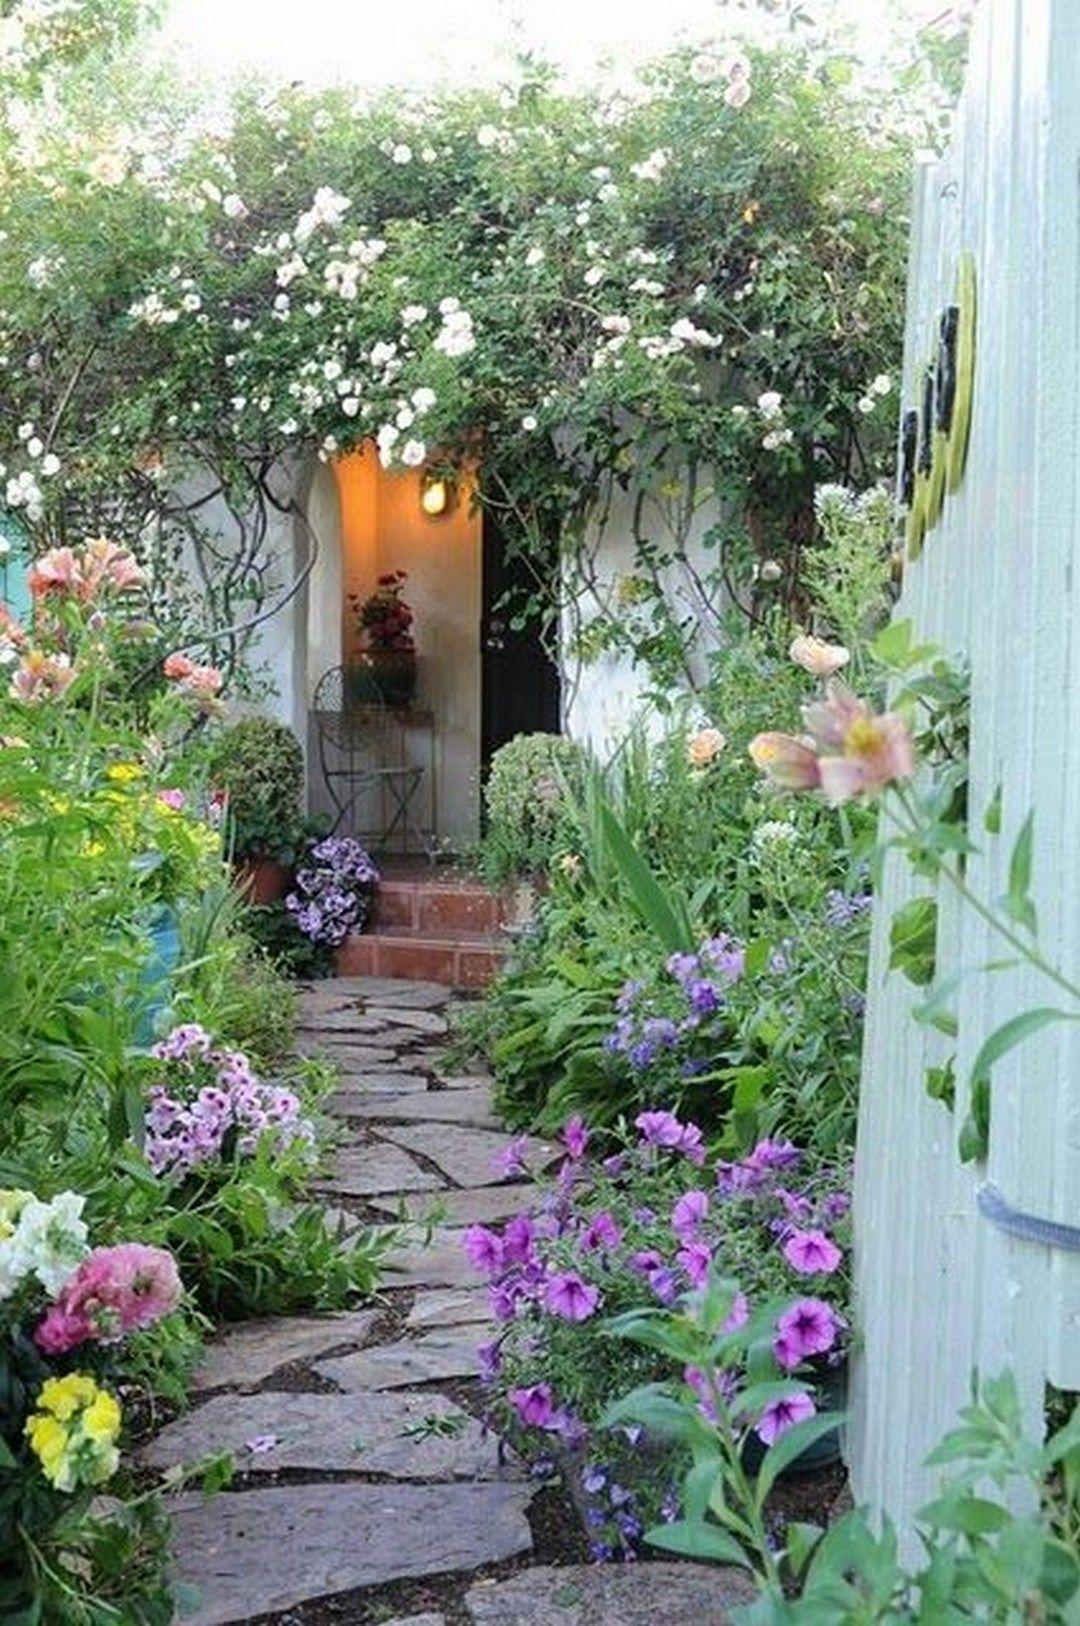 33 Stunning Cottage Style Garden Ideas To Create The Perfect Spot 23 Small Cottage Garden Ideas Cottage Garden Design Cottage Garden